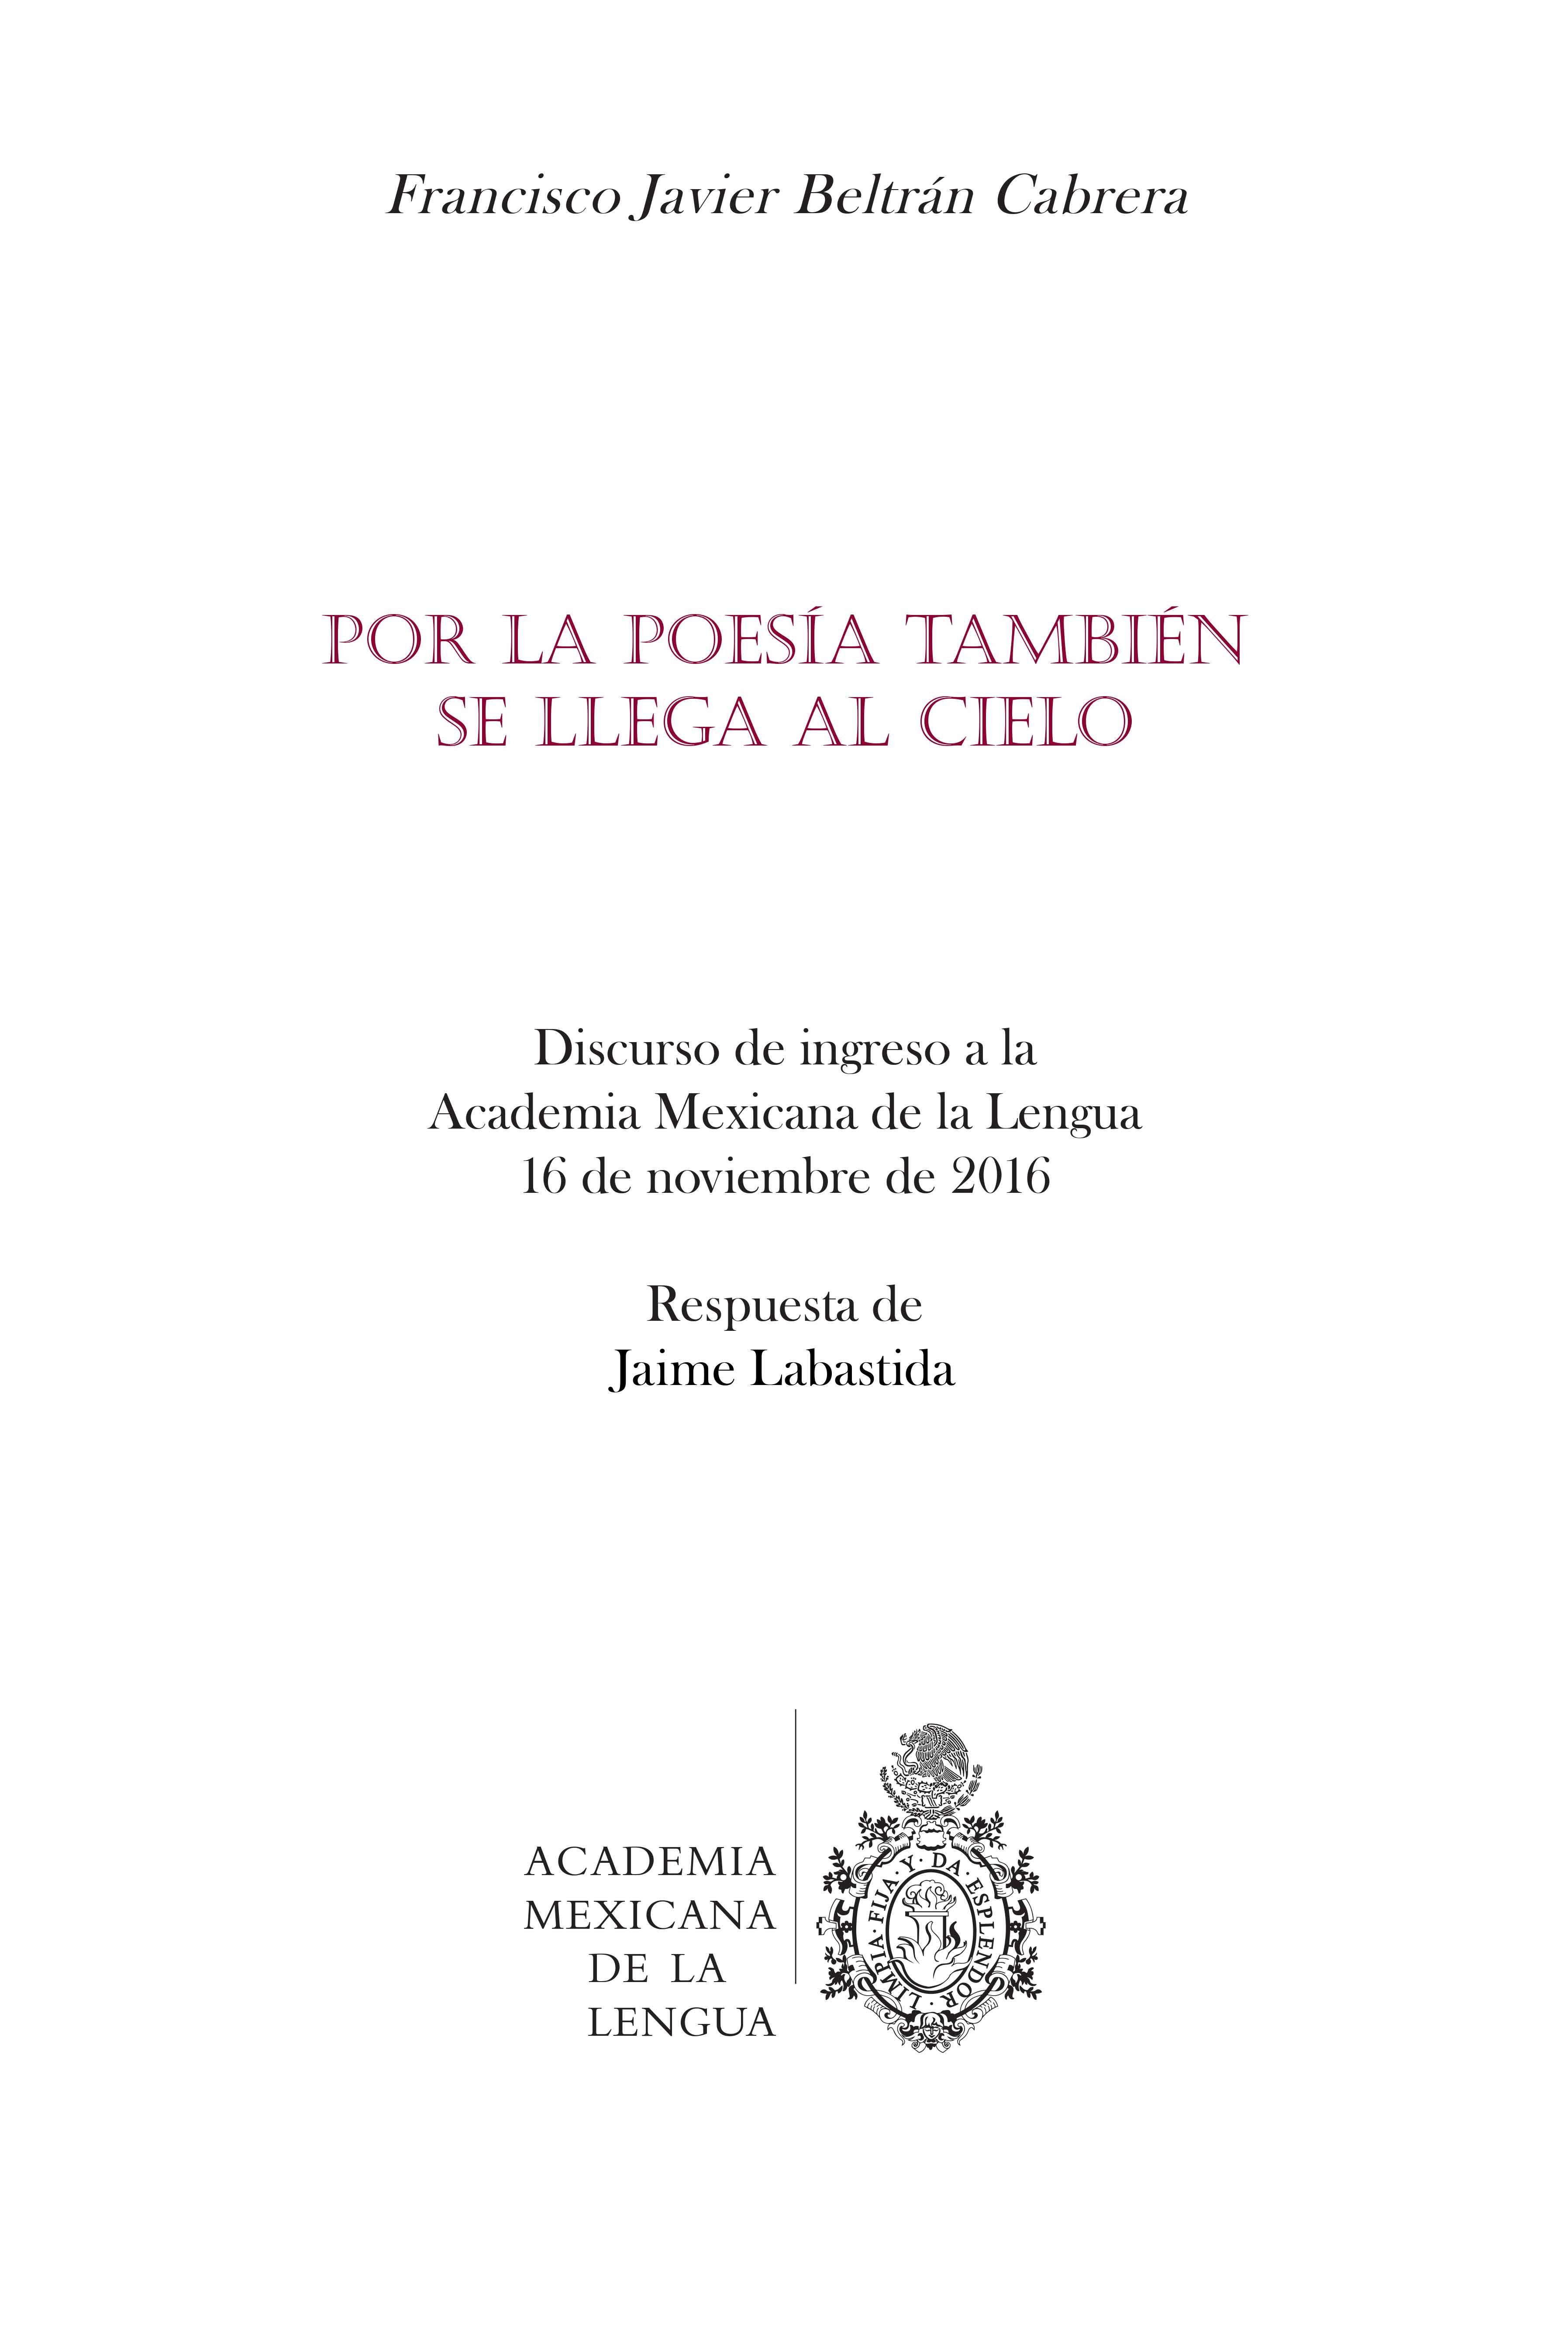 Por la poesía también se llega al cielo: discurso de ingreso a la Academia Mexicana de la Lengua,